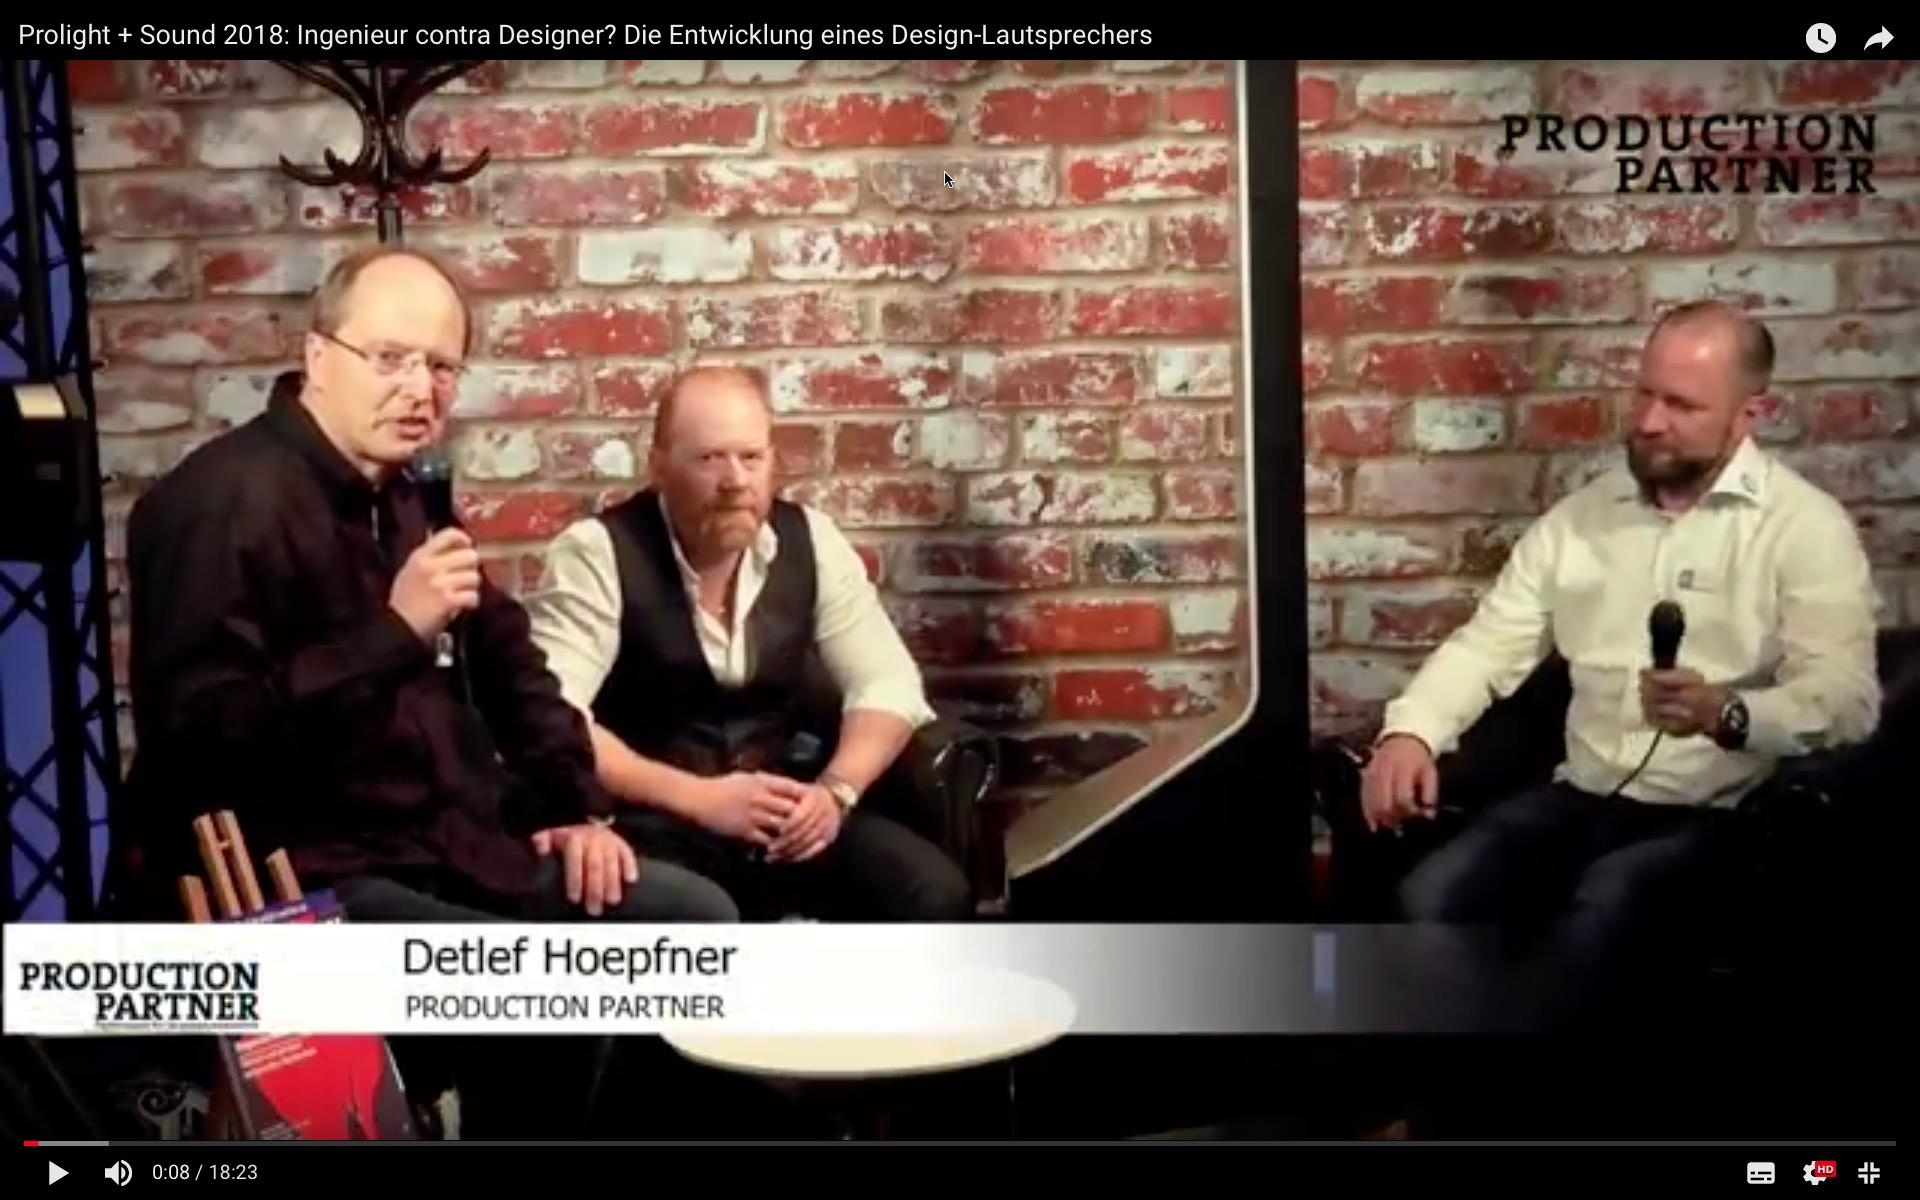 Interview mit Ben und Kai zum Lautsprecher-Design